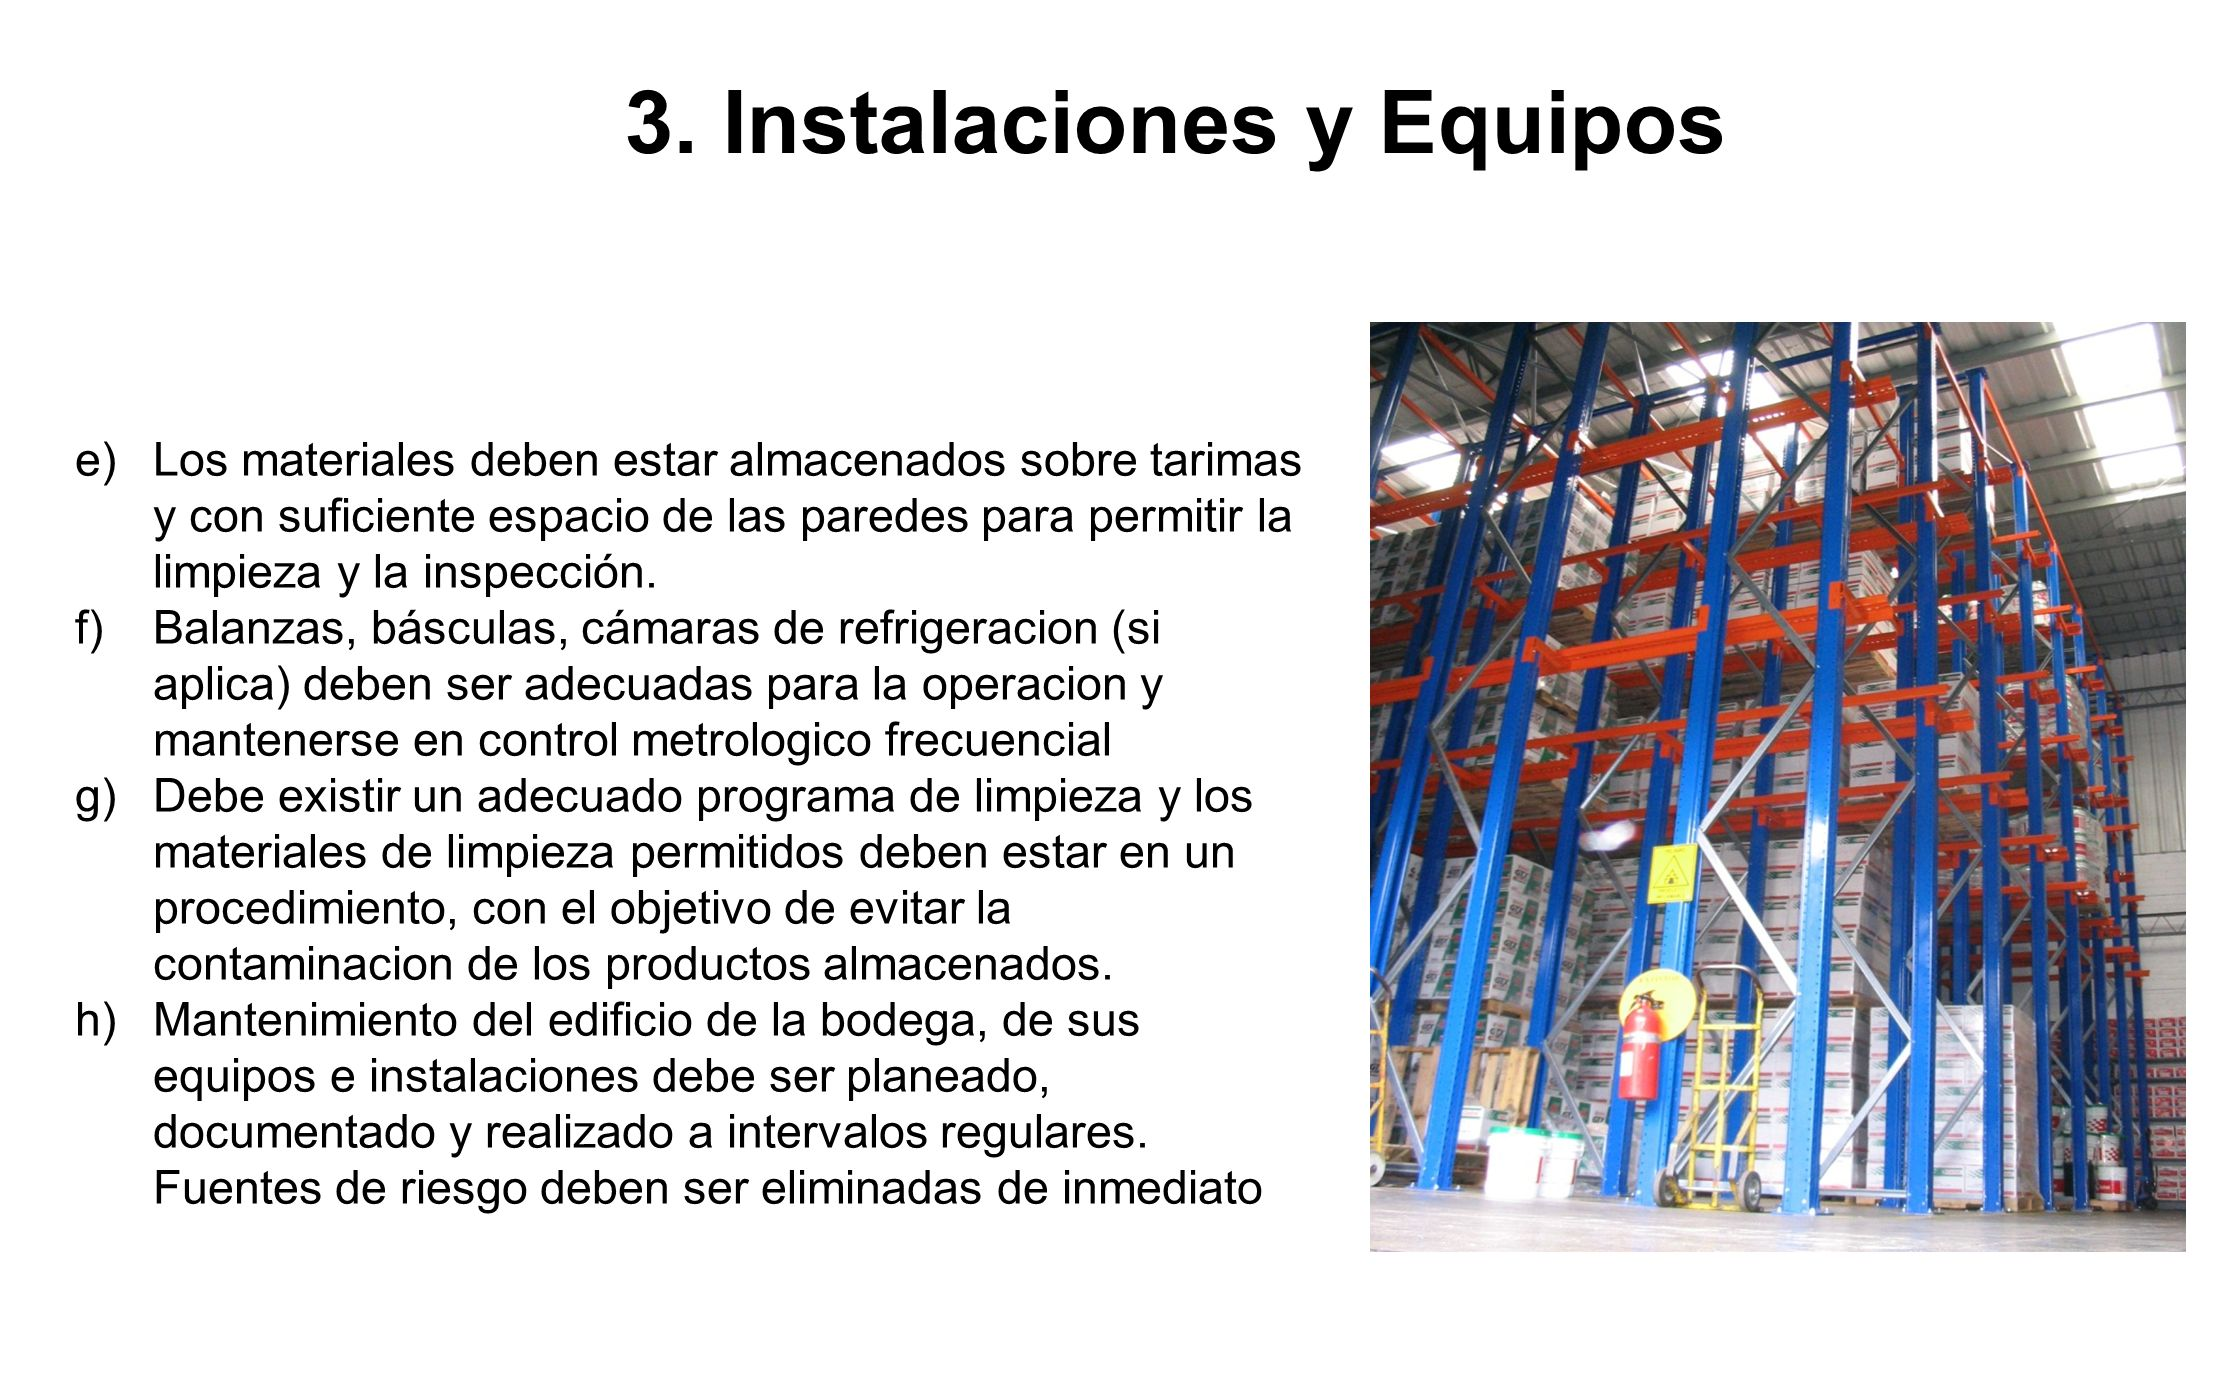 3. Instalaciones y Equipos e)Los materiales deben estar almacenados sobre tarimas y con suficiente espacio de las paredes para permitir la limpieza y